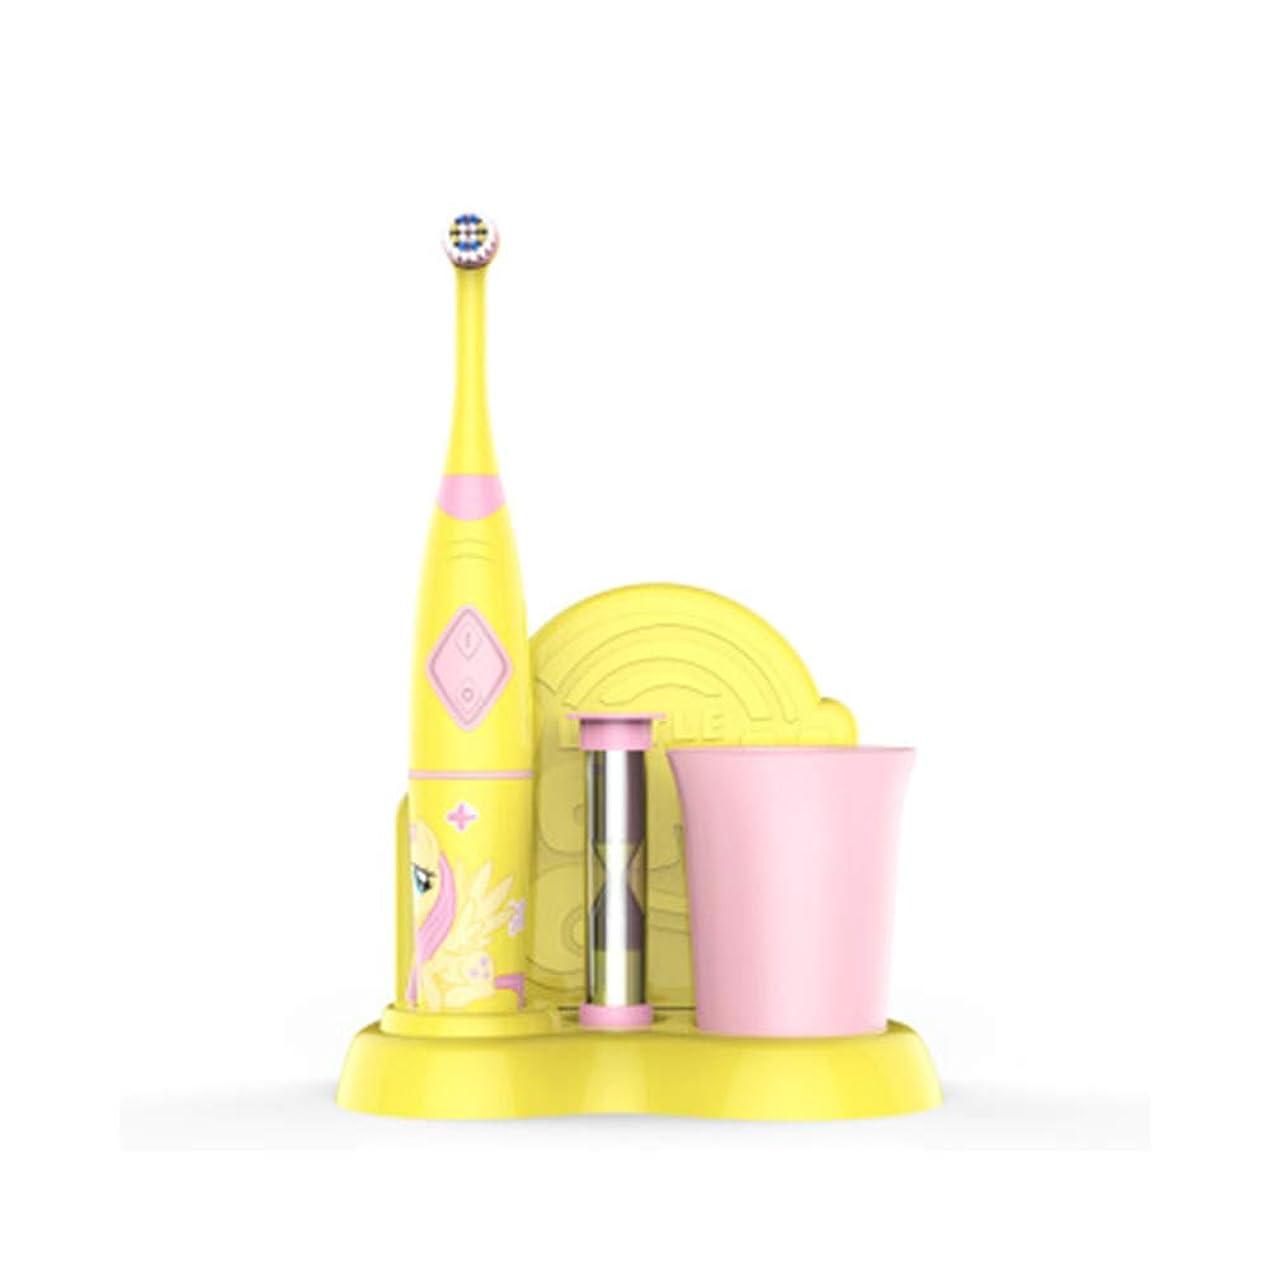 成長する思春期のマーク子供用スマート子供用電動歯ブラシ、充電式音波電動歯ブラシ、白い歯、歯ぐきのケア、交換可能なブラシヘッド